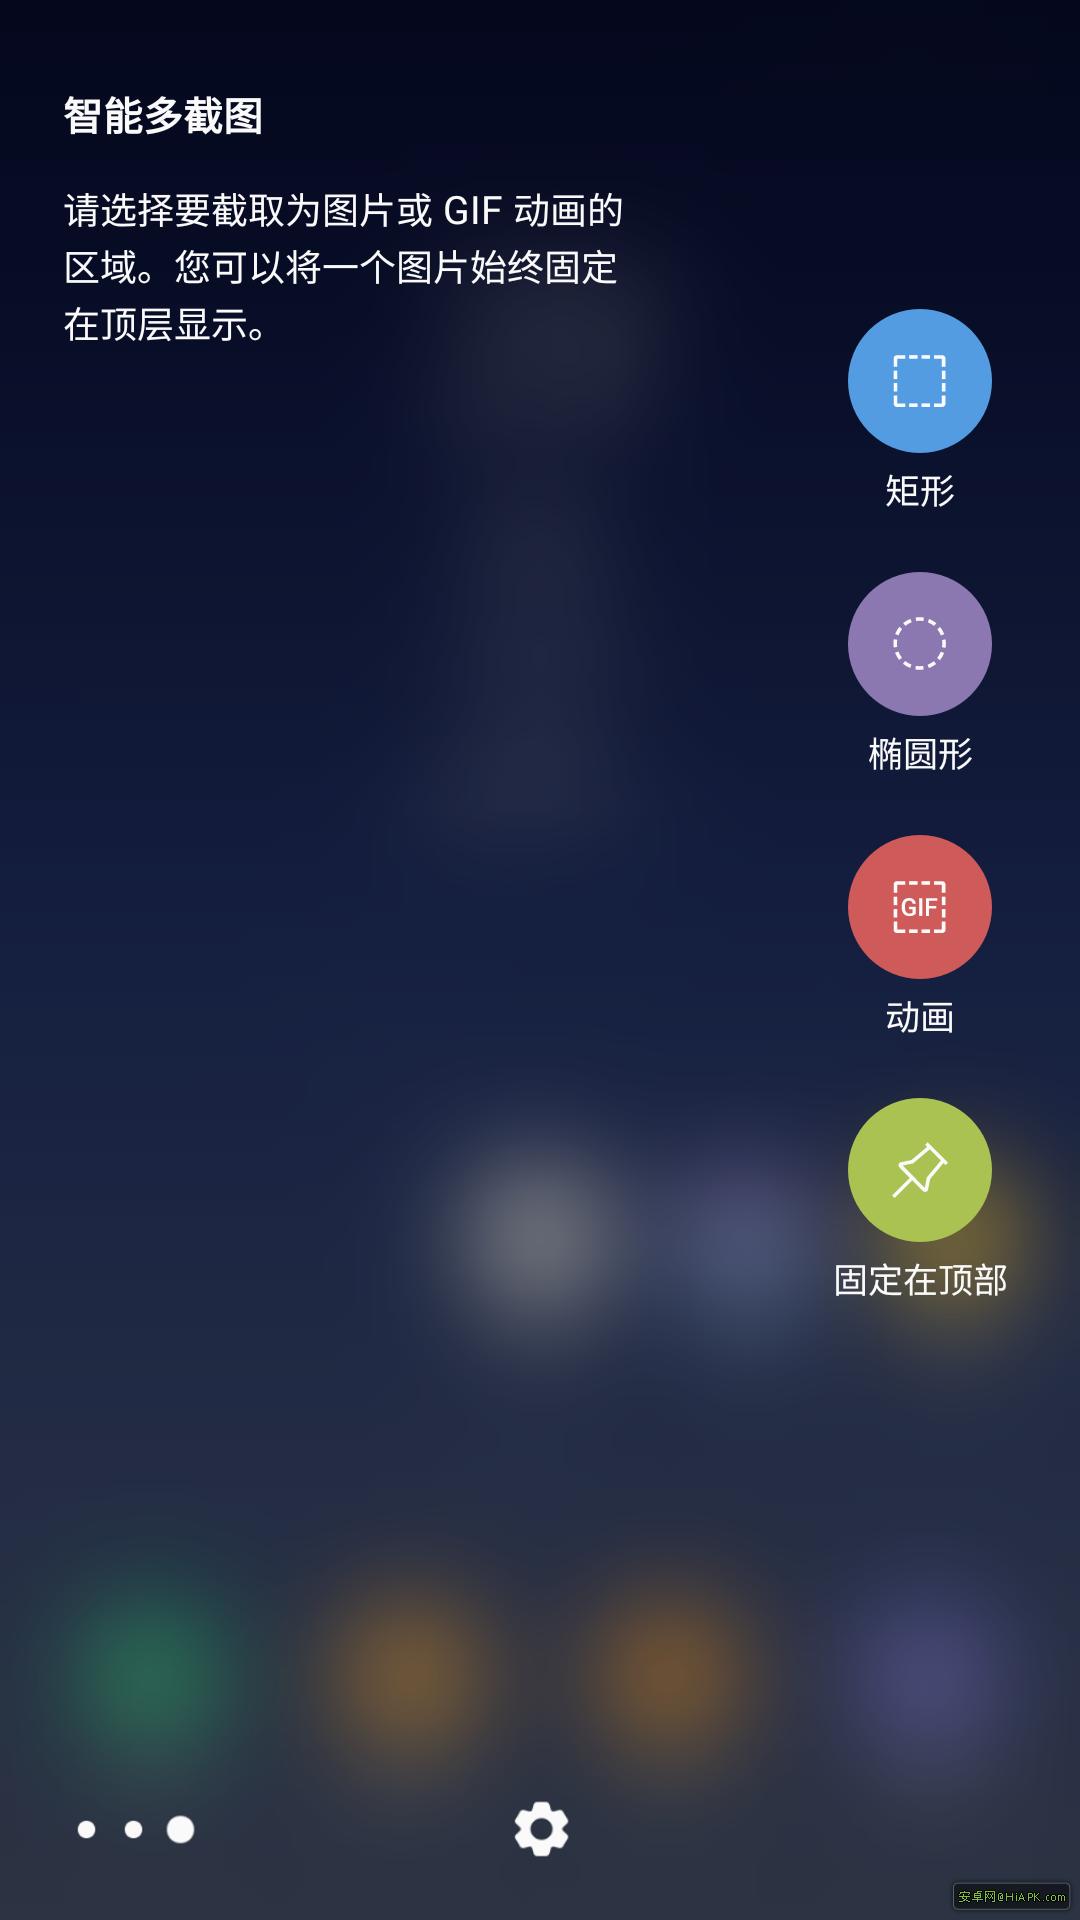 三星S6 edge+ G9280 Android 7.0固件 v2.0 刷机包下载插图(1)